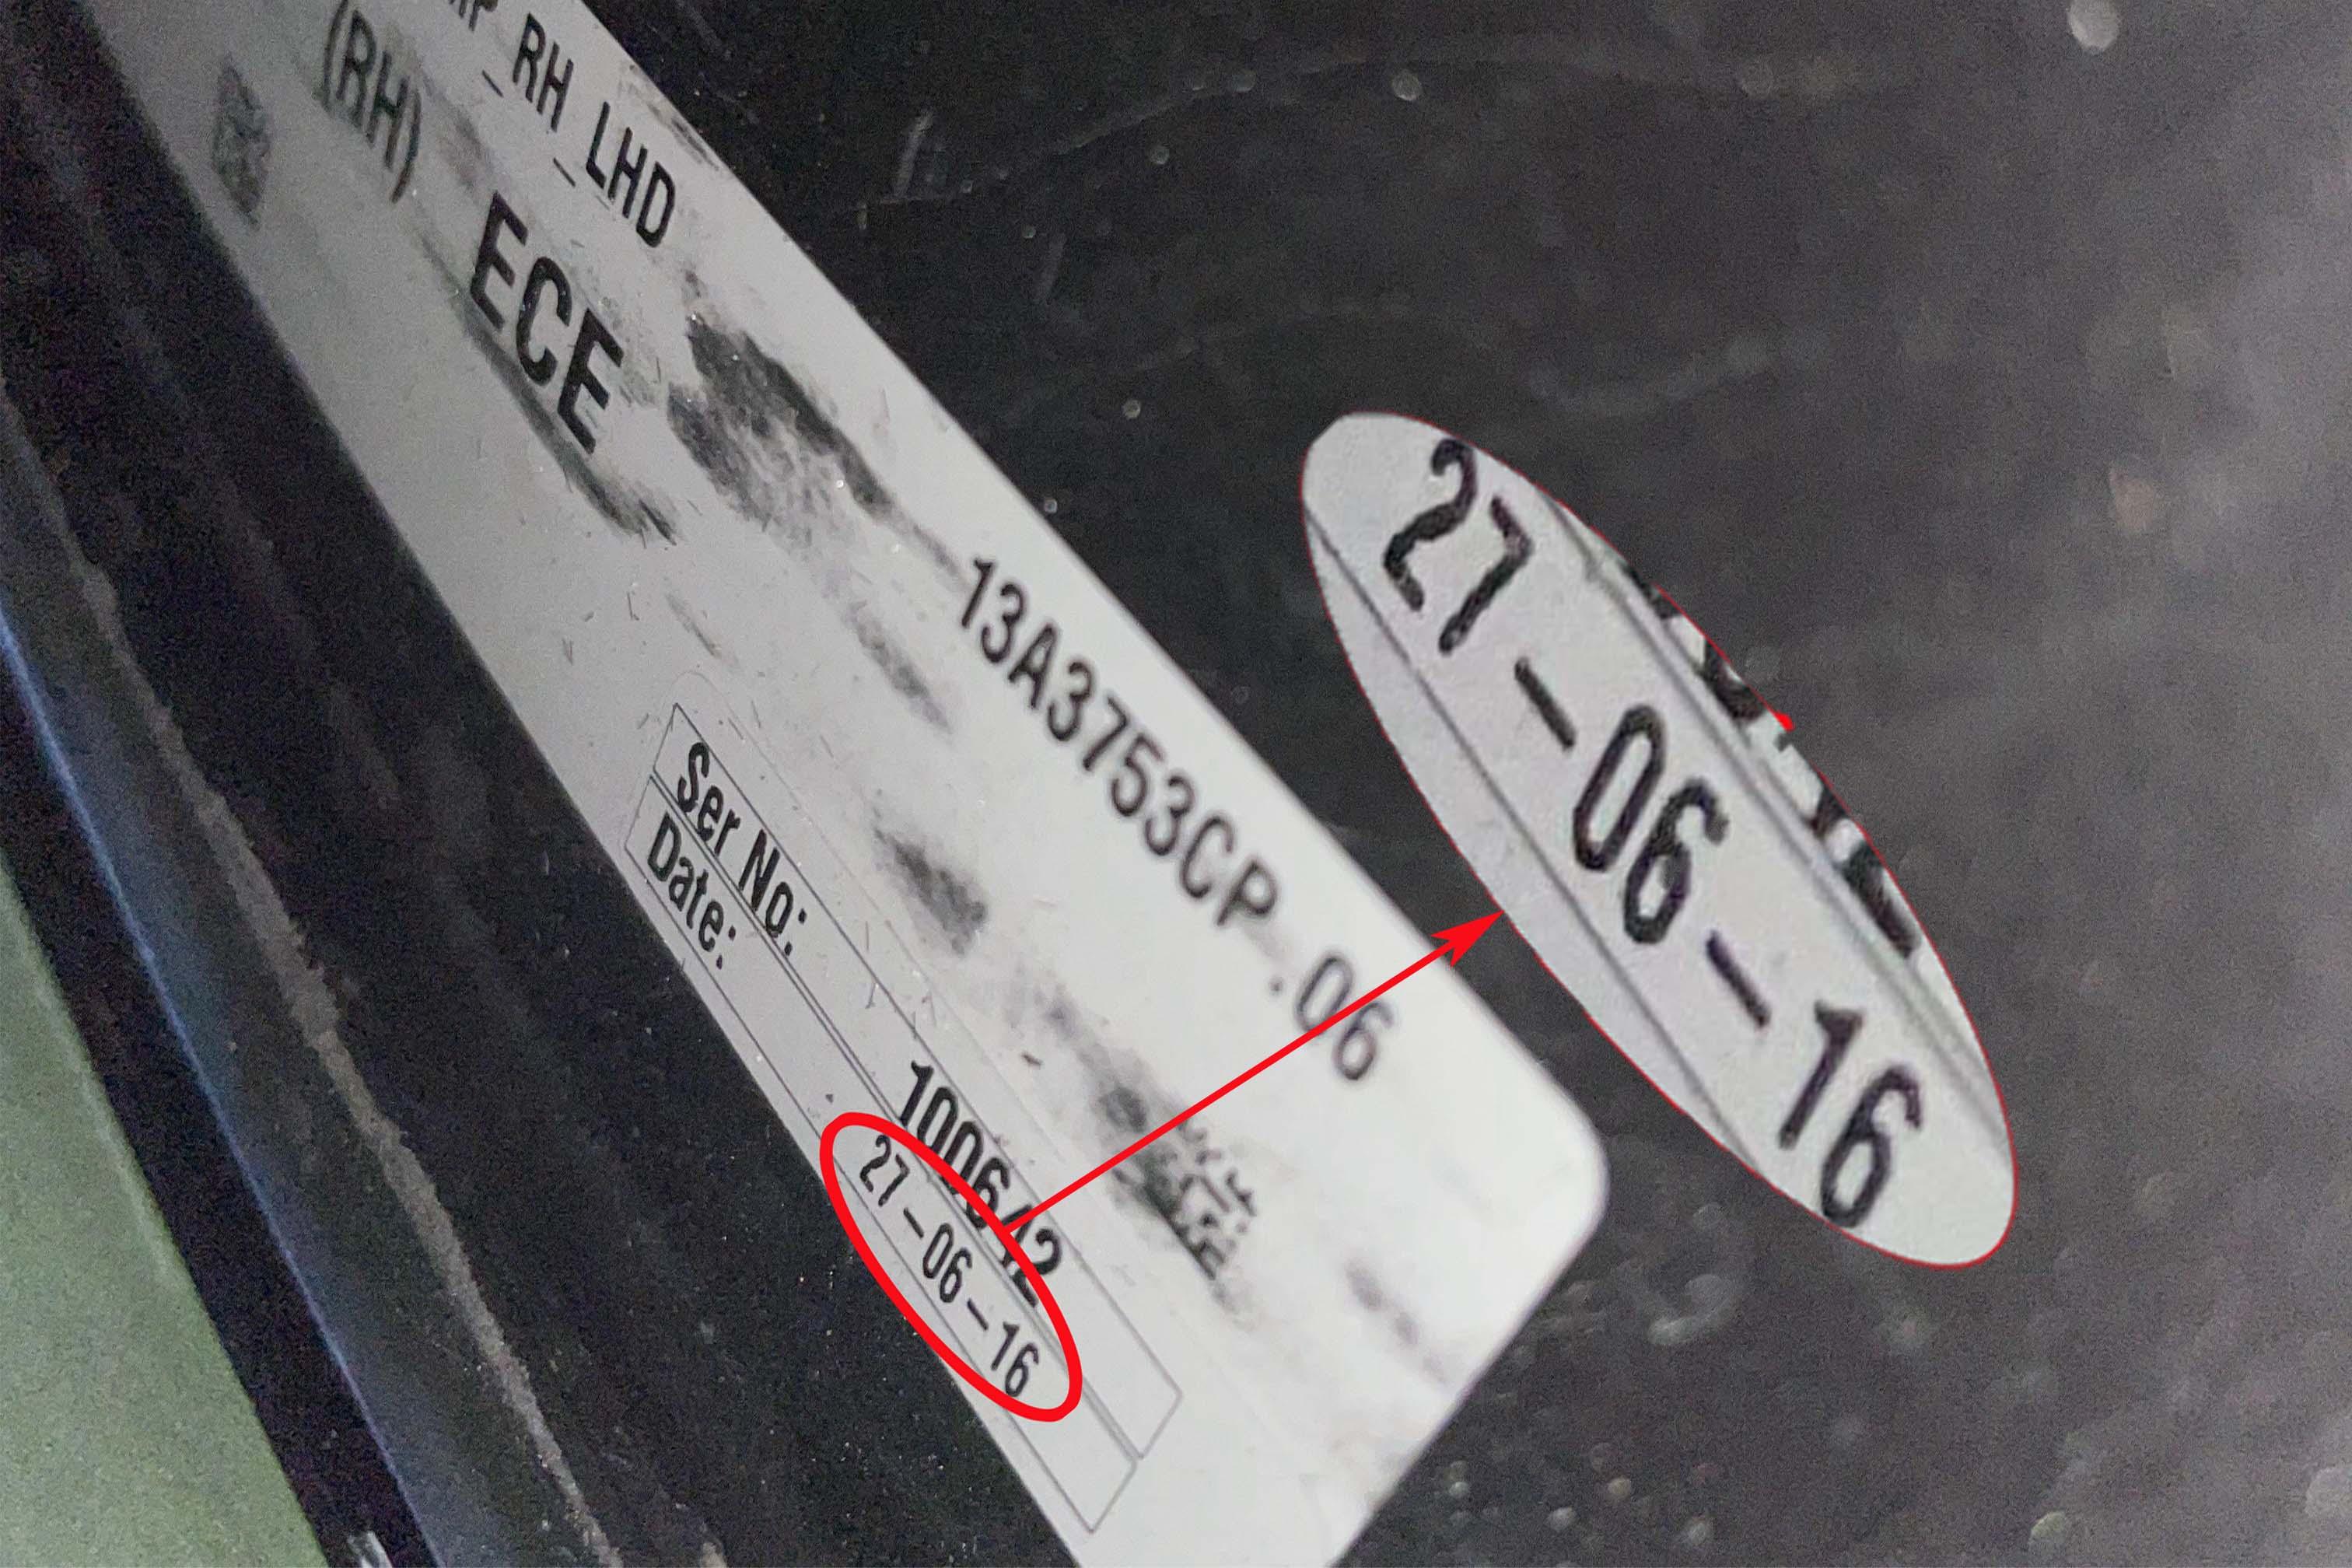 车商:能出事故报告这辆迈凯伦190W卖你,客户:把我当憨憨?